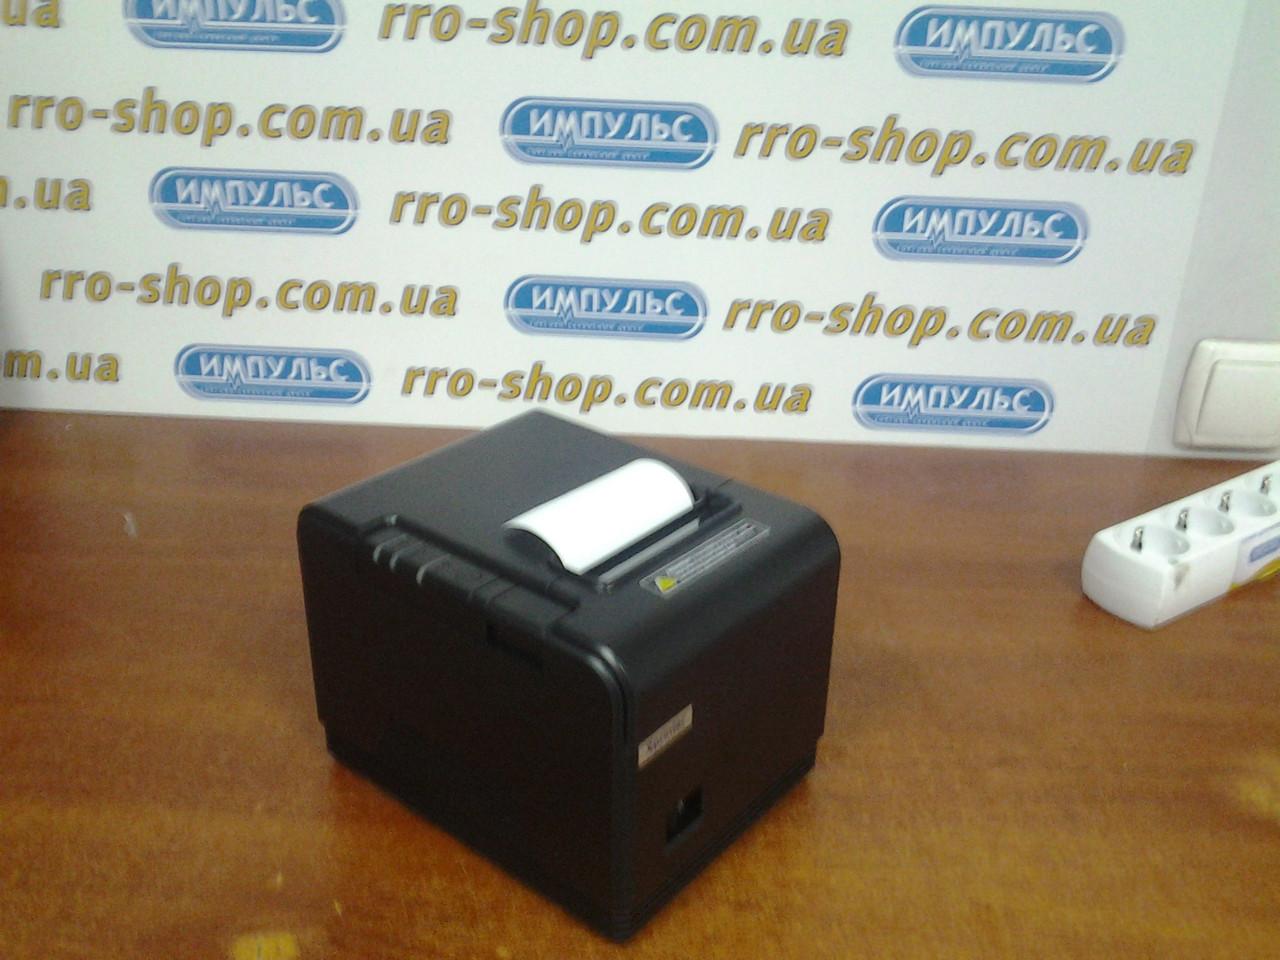 Чековый принтер XPrinter XP-Q800 (USB, RS232, Ethernet, автообрезка чеков, 80 мм)